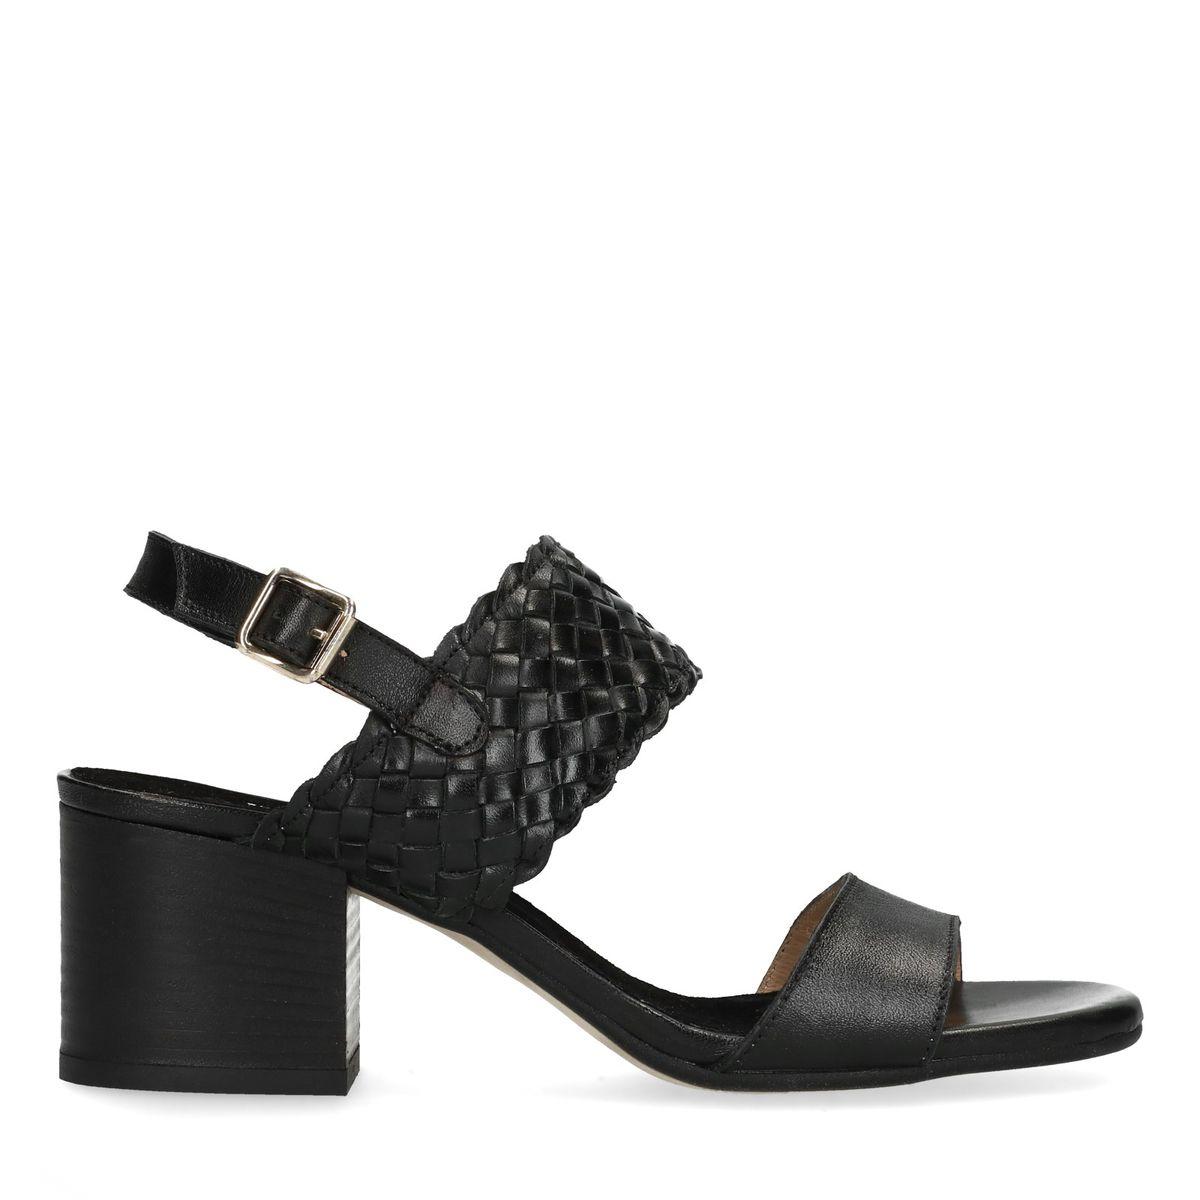 Escarpins bas en cuir avec détail tressé - noir (Maat 37)